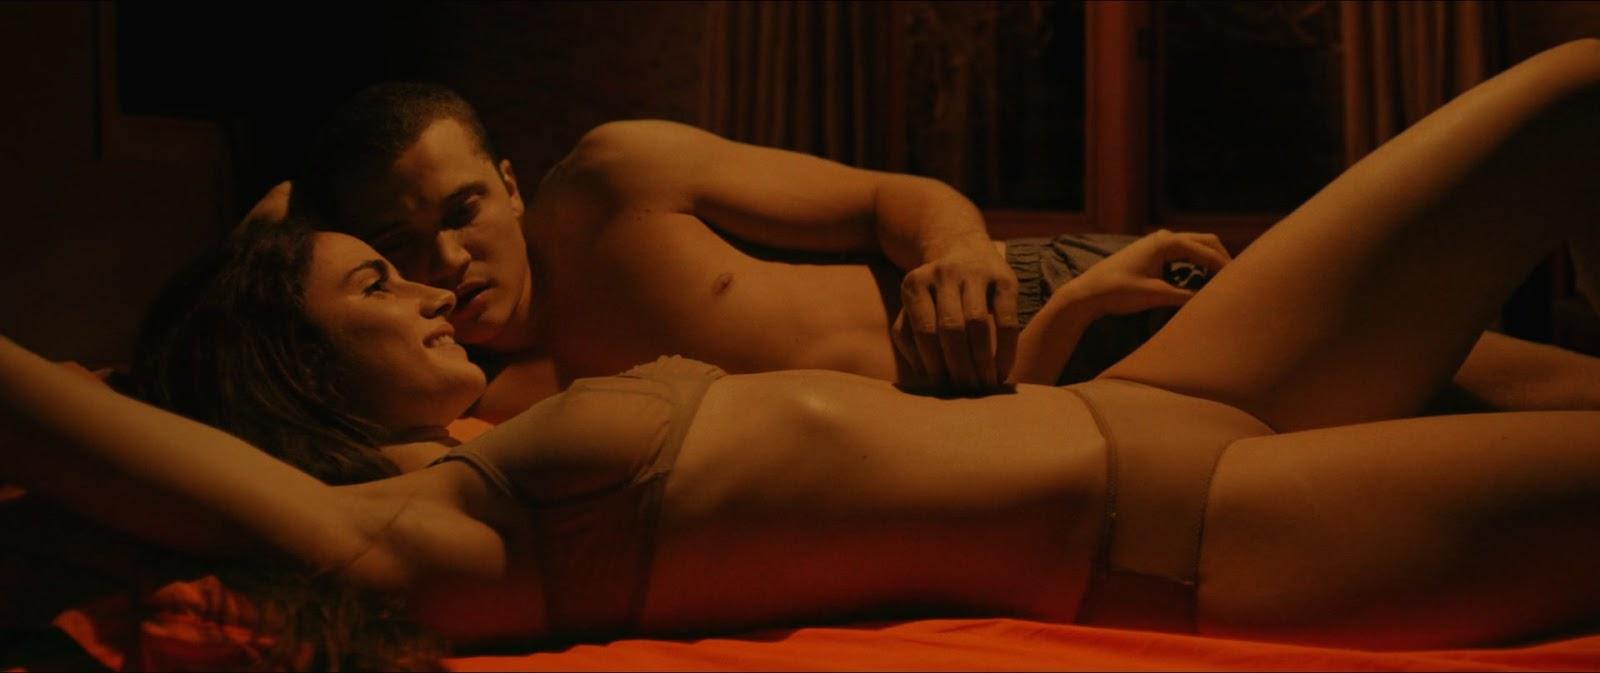 Фильмы любовные секс